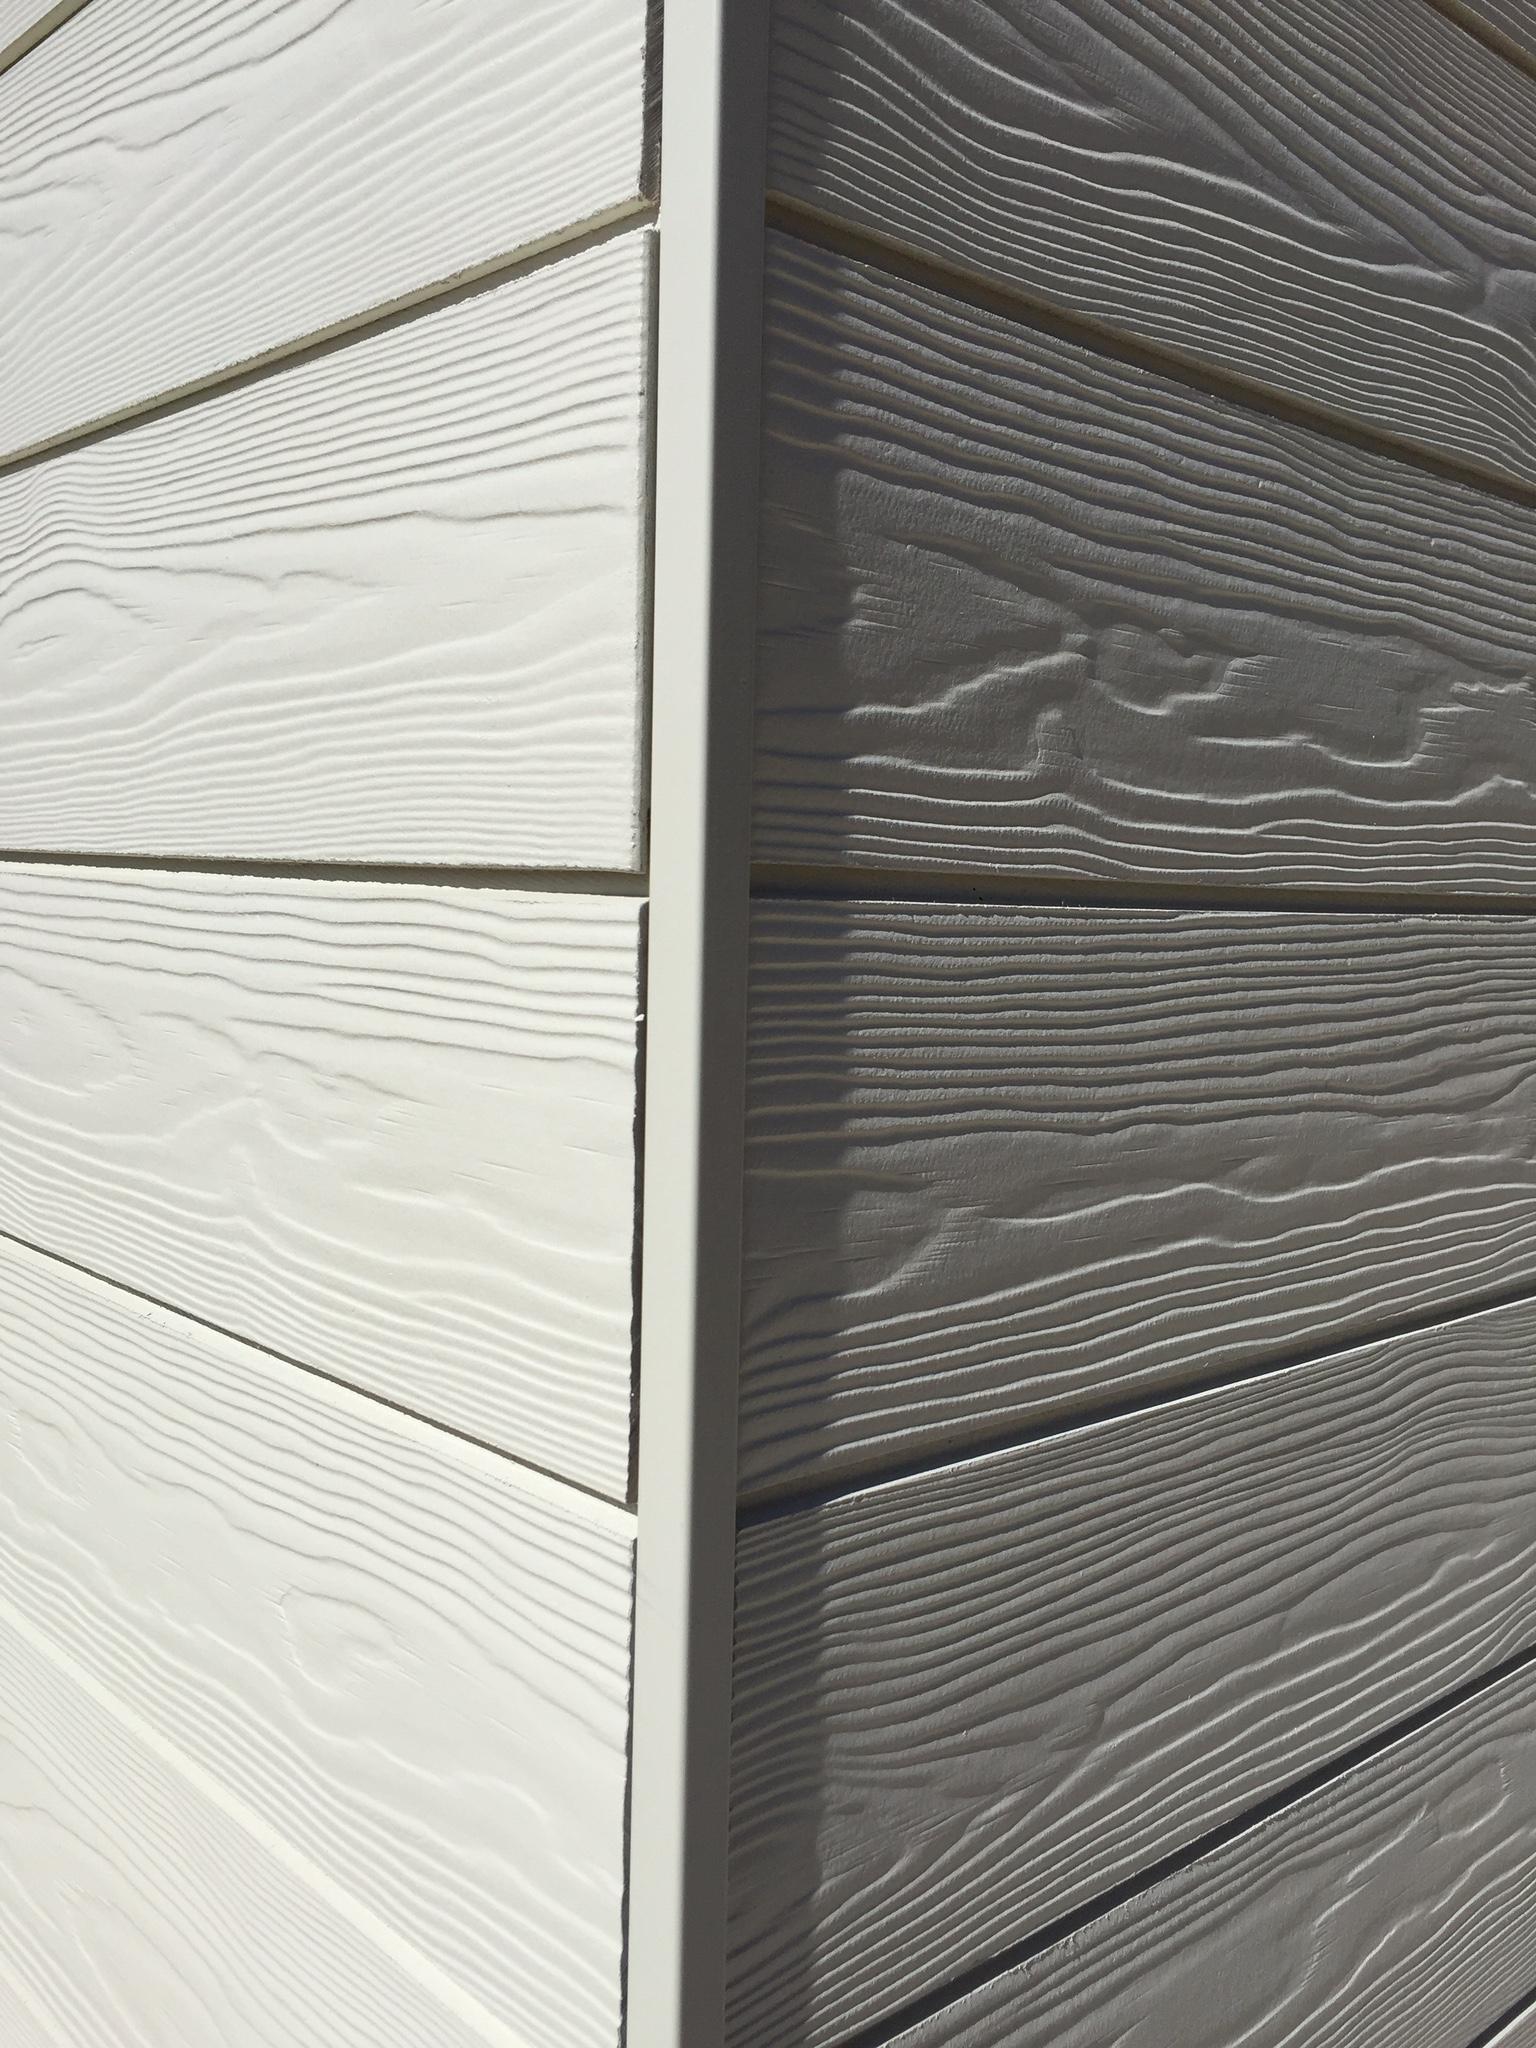 Maison bois bouches du rhone obtenez des for Constructeur maison contemporaine bouches du rhone